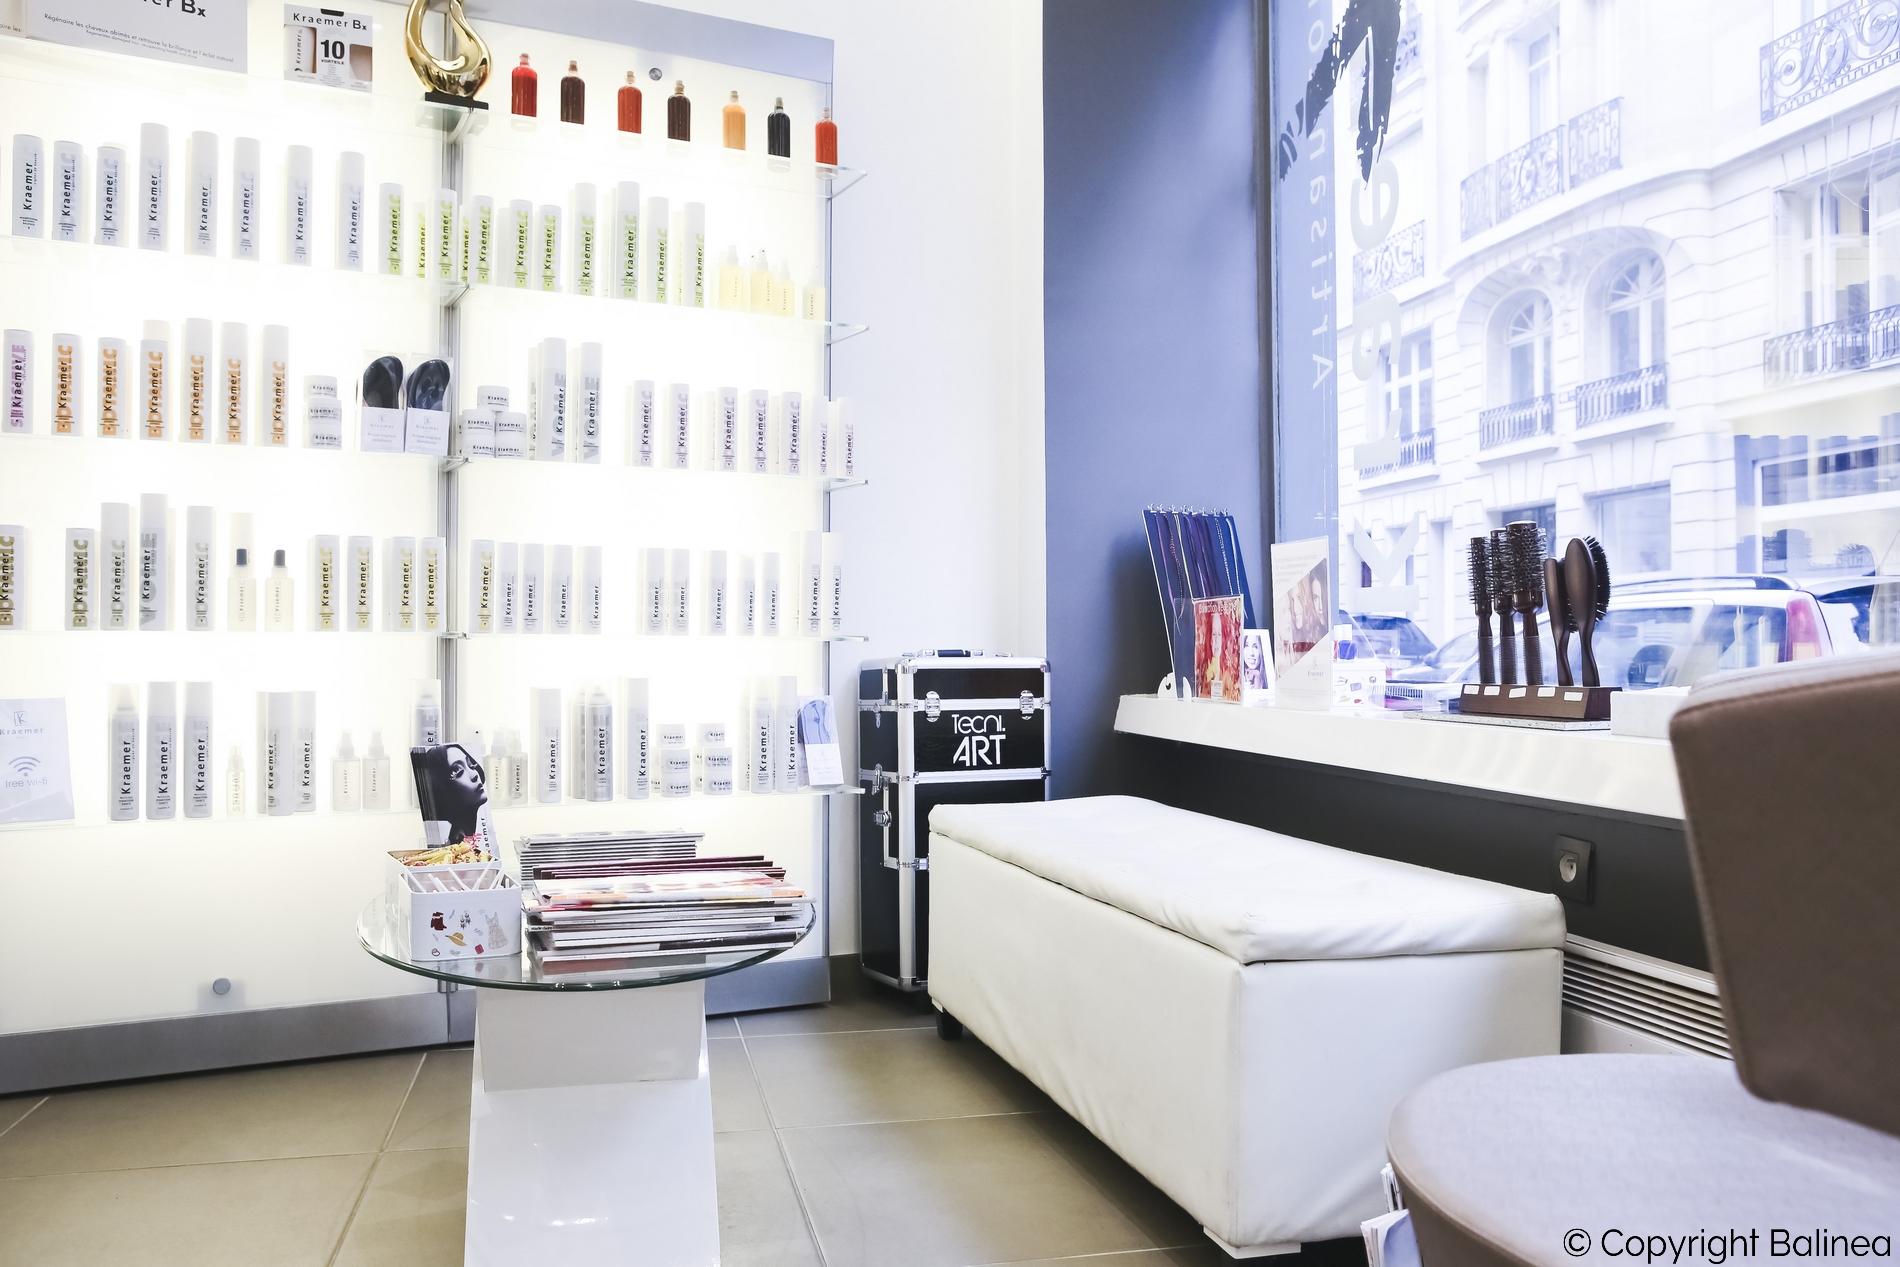 Salon de coiffure Kraemer Paris - Kraemer Coiffure Paris